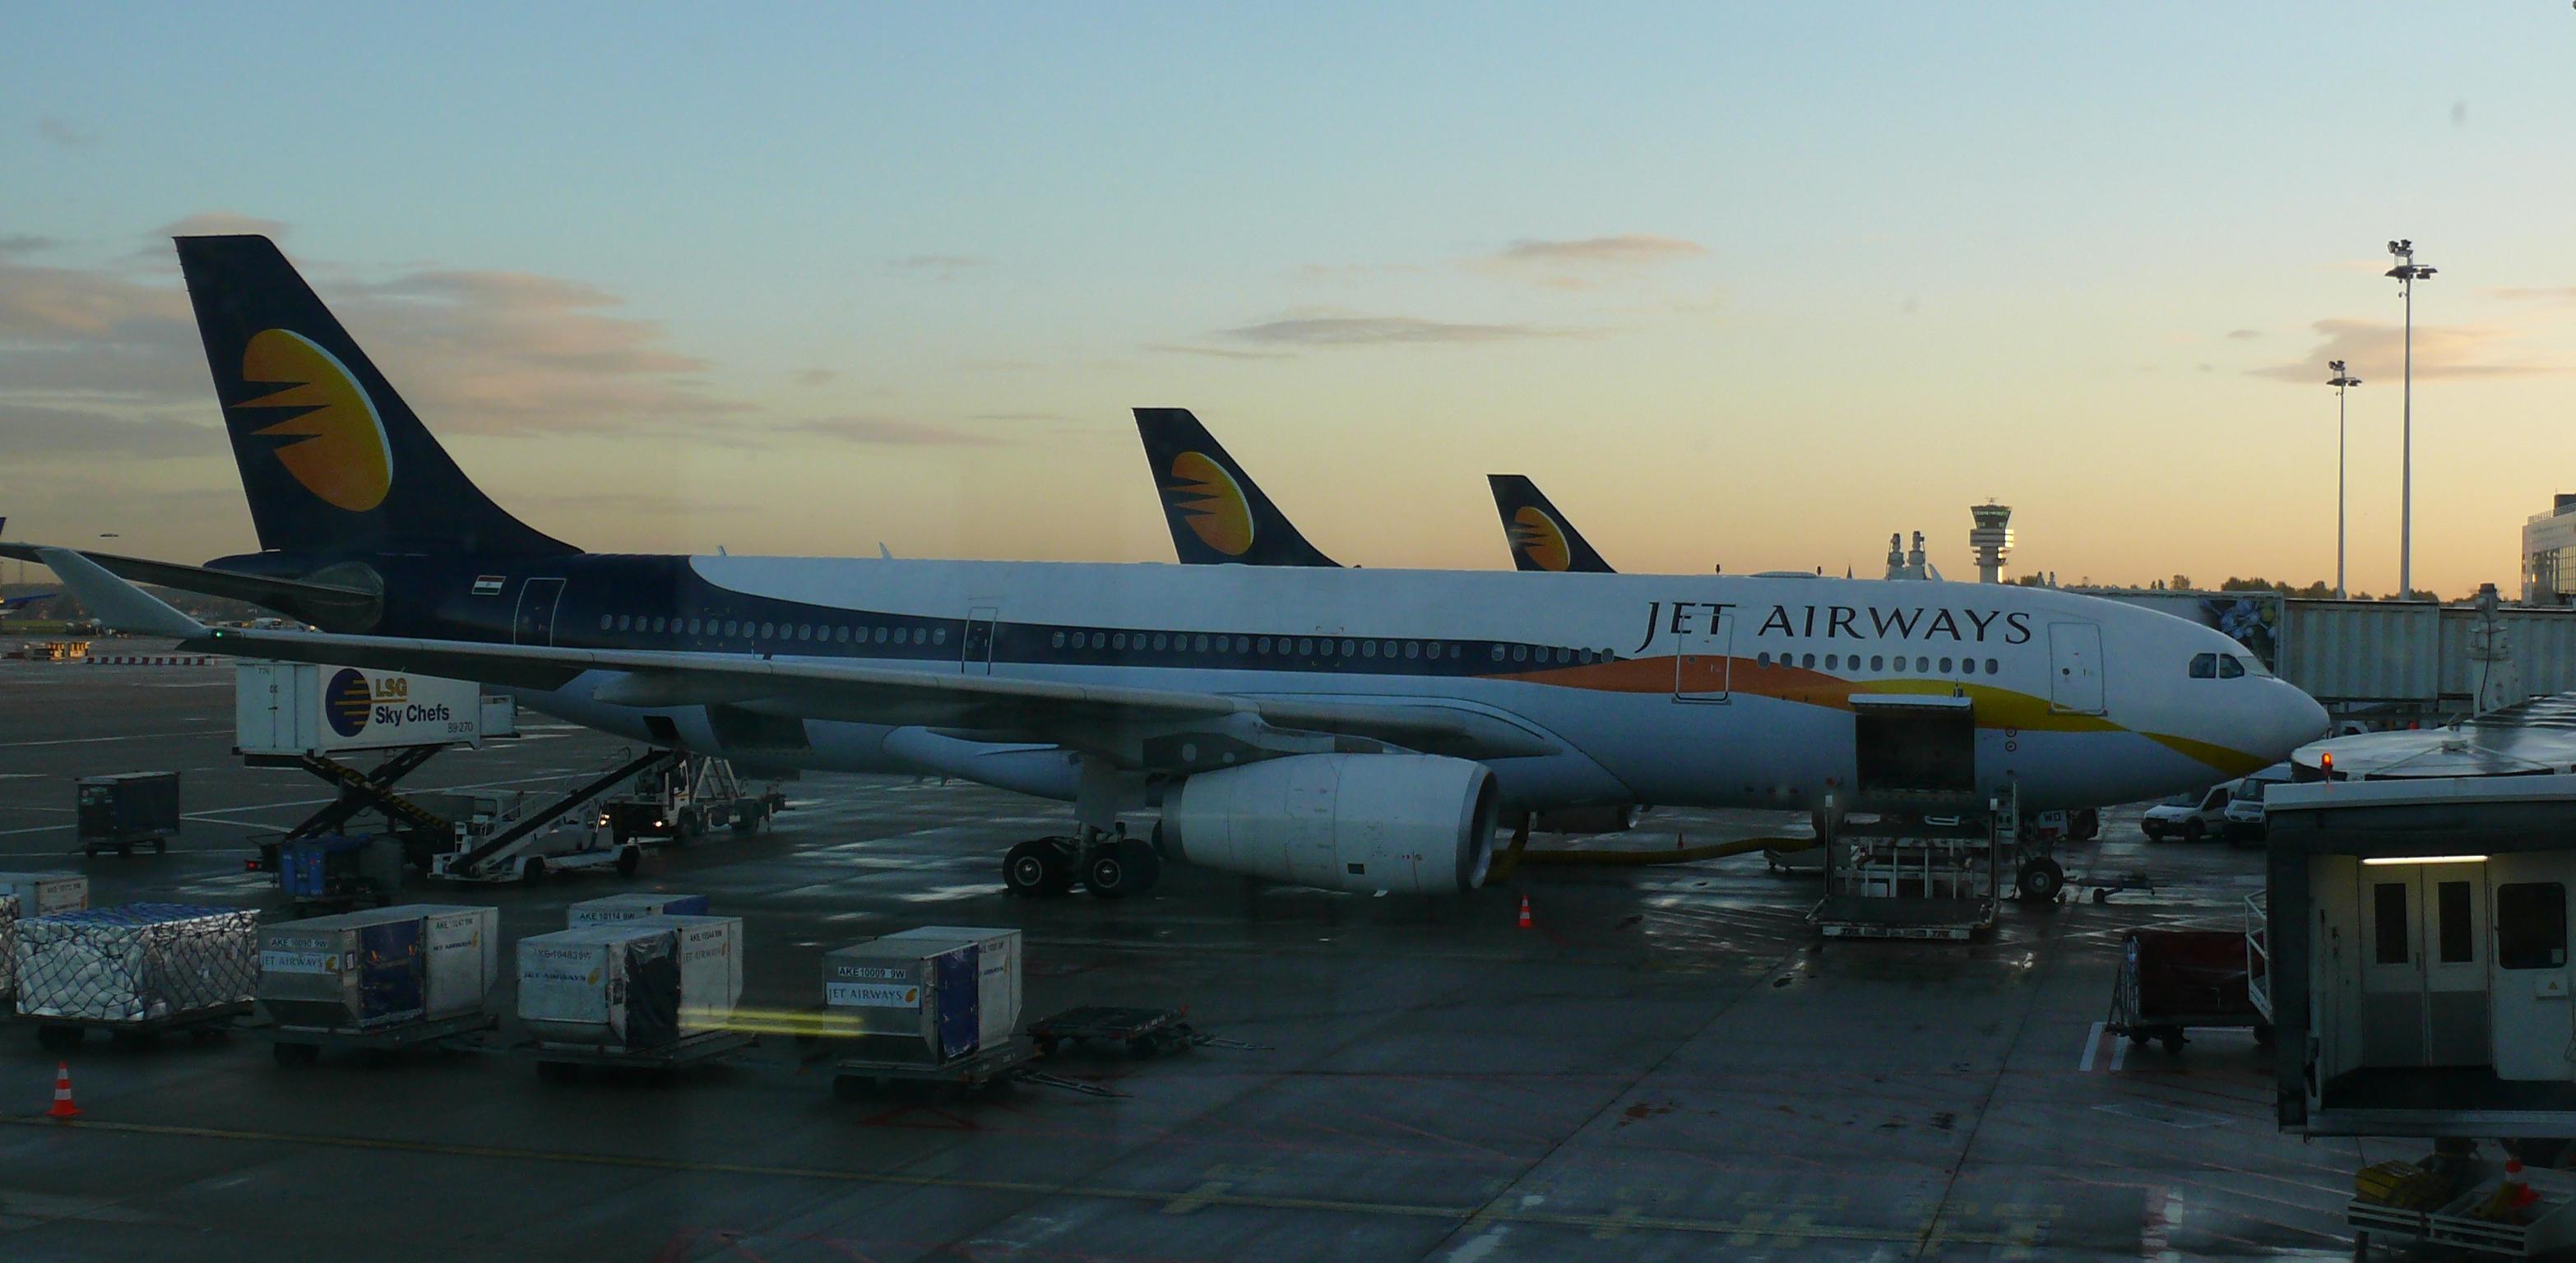 Resultado de imagen para jet airways airport